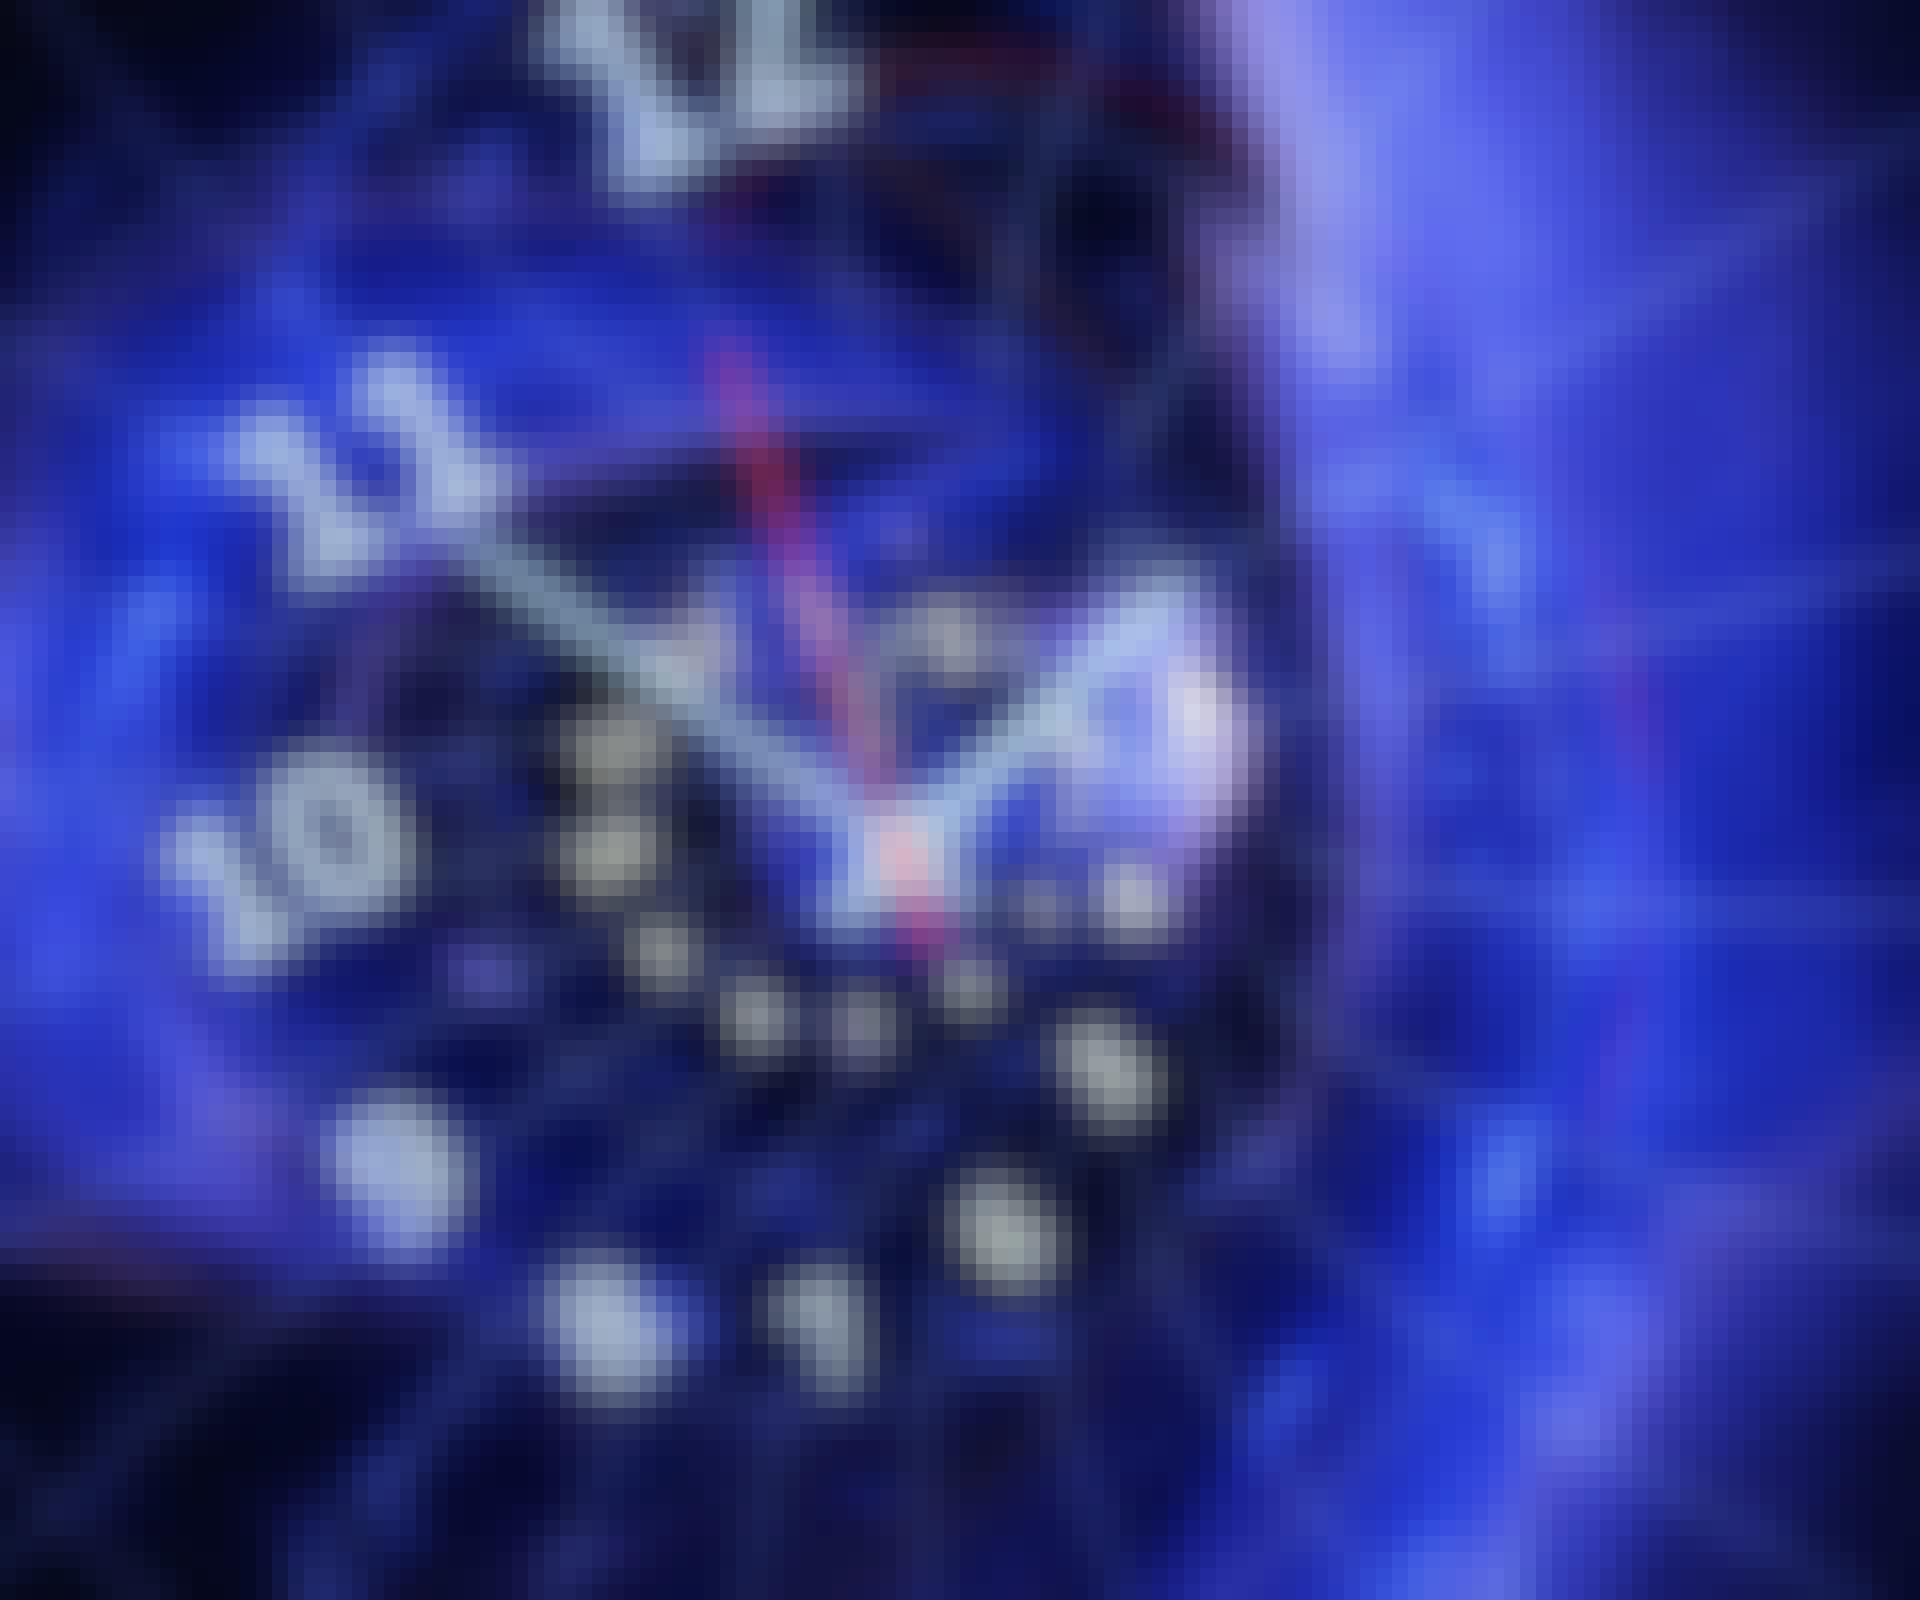 Tiden er den fjerde dimension